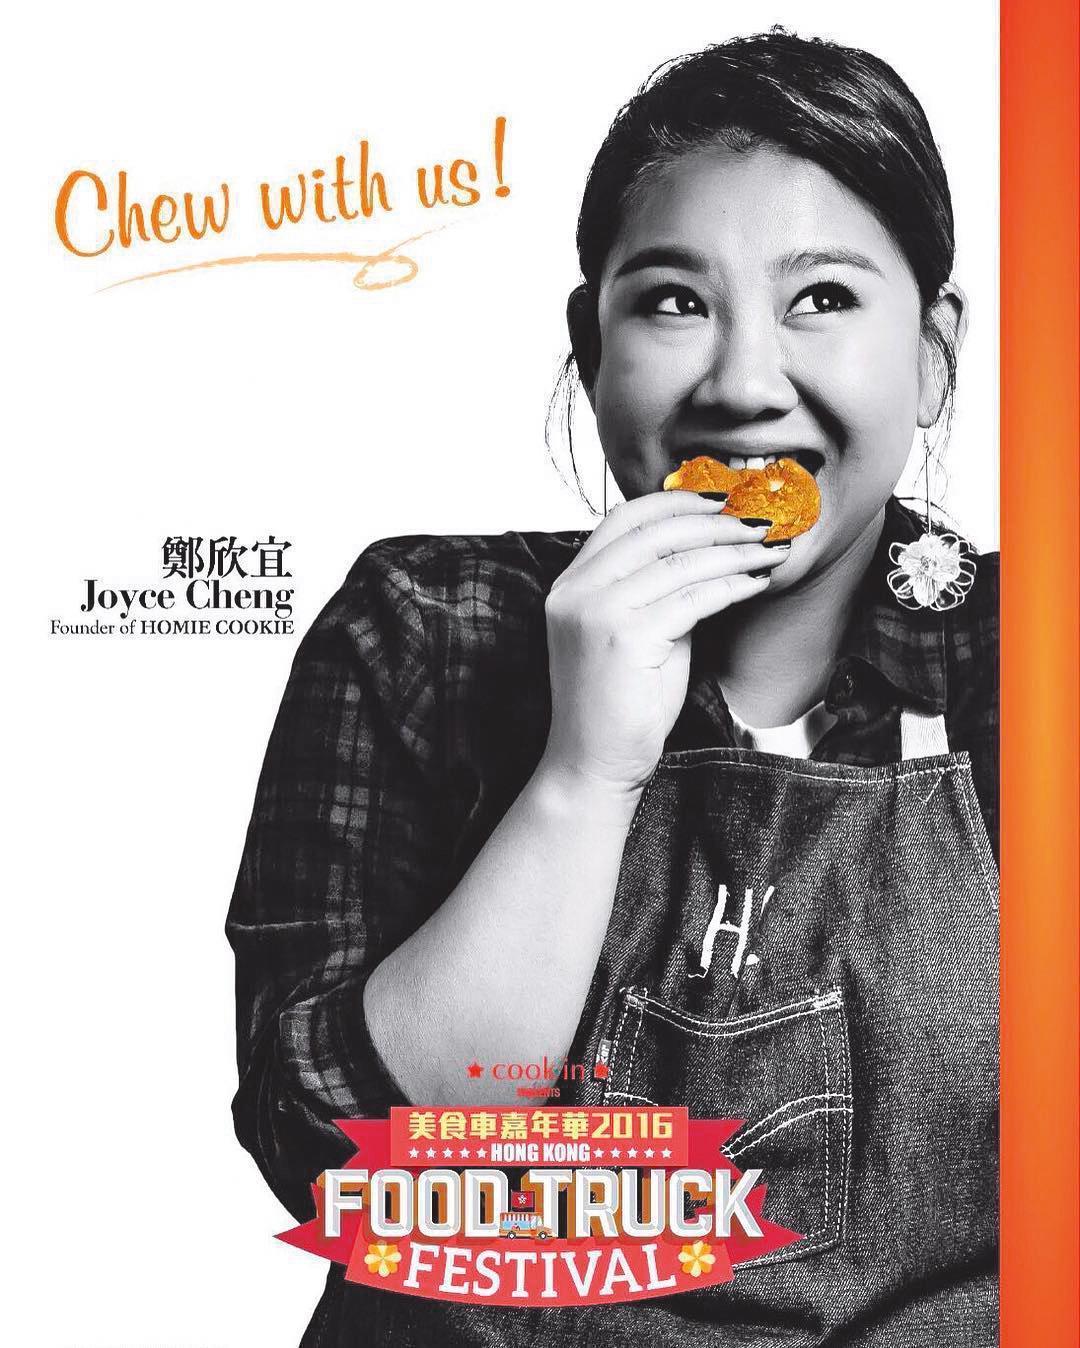 鄭少秋女兒鄭欣宜的「Homie Cookies」很受歡迎,去年於銅鑼灣開分店,不只提供多款軟餅乾,更新增冰淇淋、蛋糕及咖啡等。(翻攝自homiecookies IG)